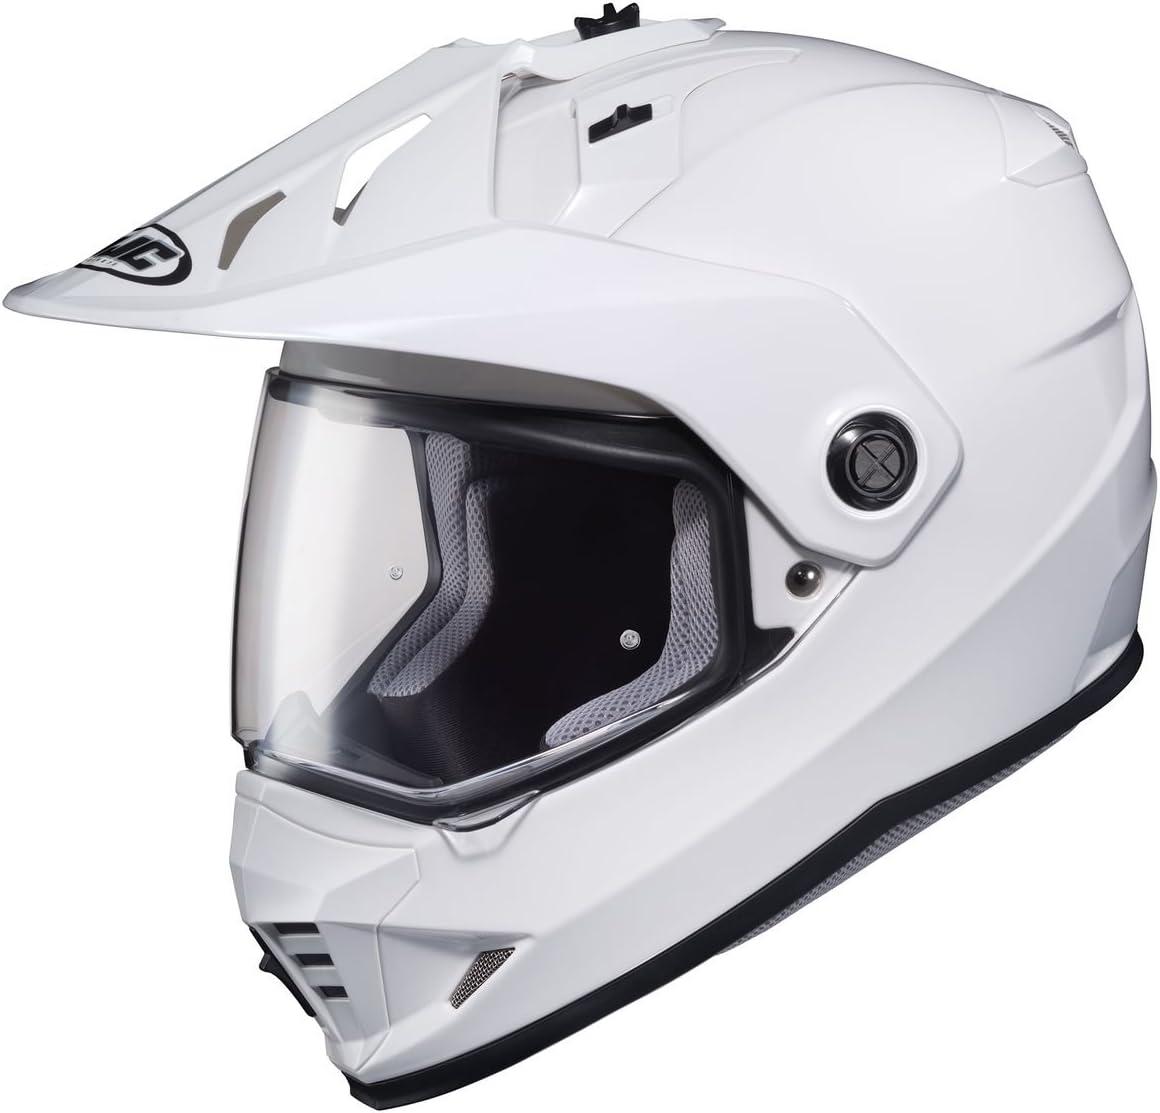 HJC Solid Men's DS-X1 Street Bike Motorcycle Helmet